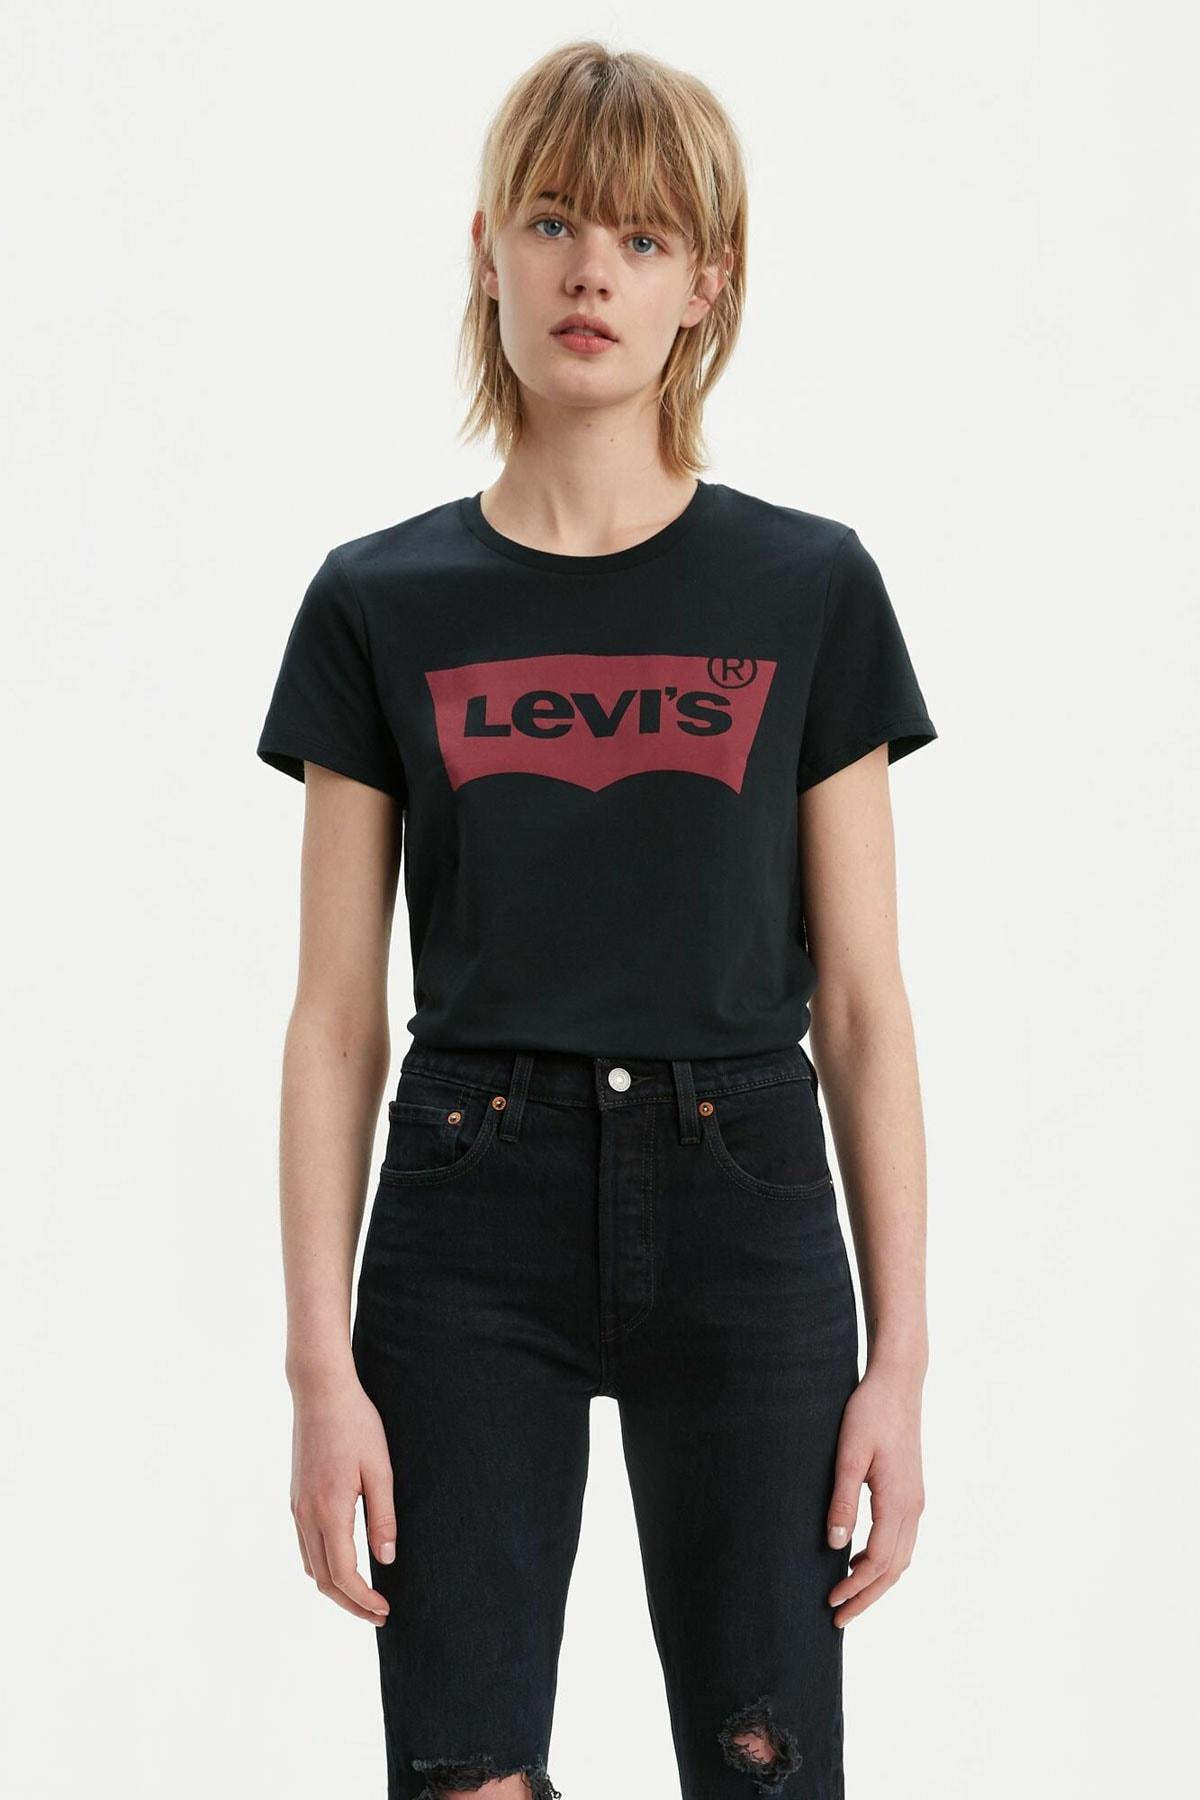 Levi's Kadın Housemark Tişört 17369-1310-1311 1